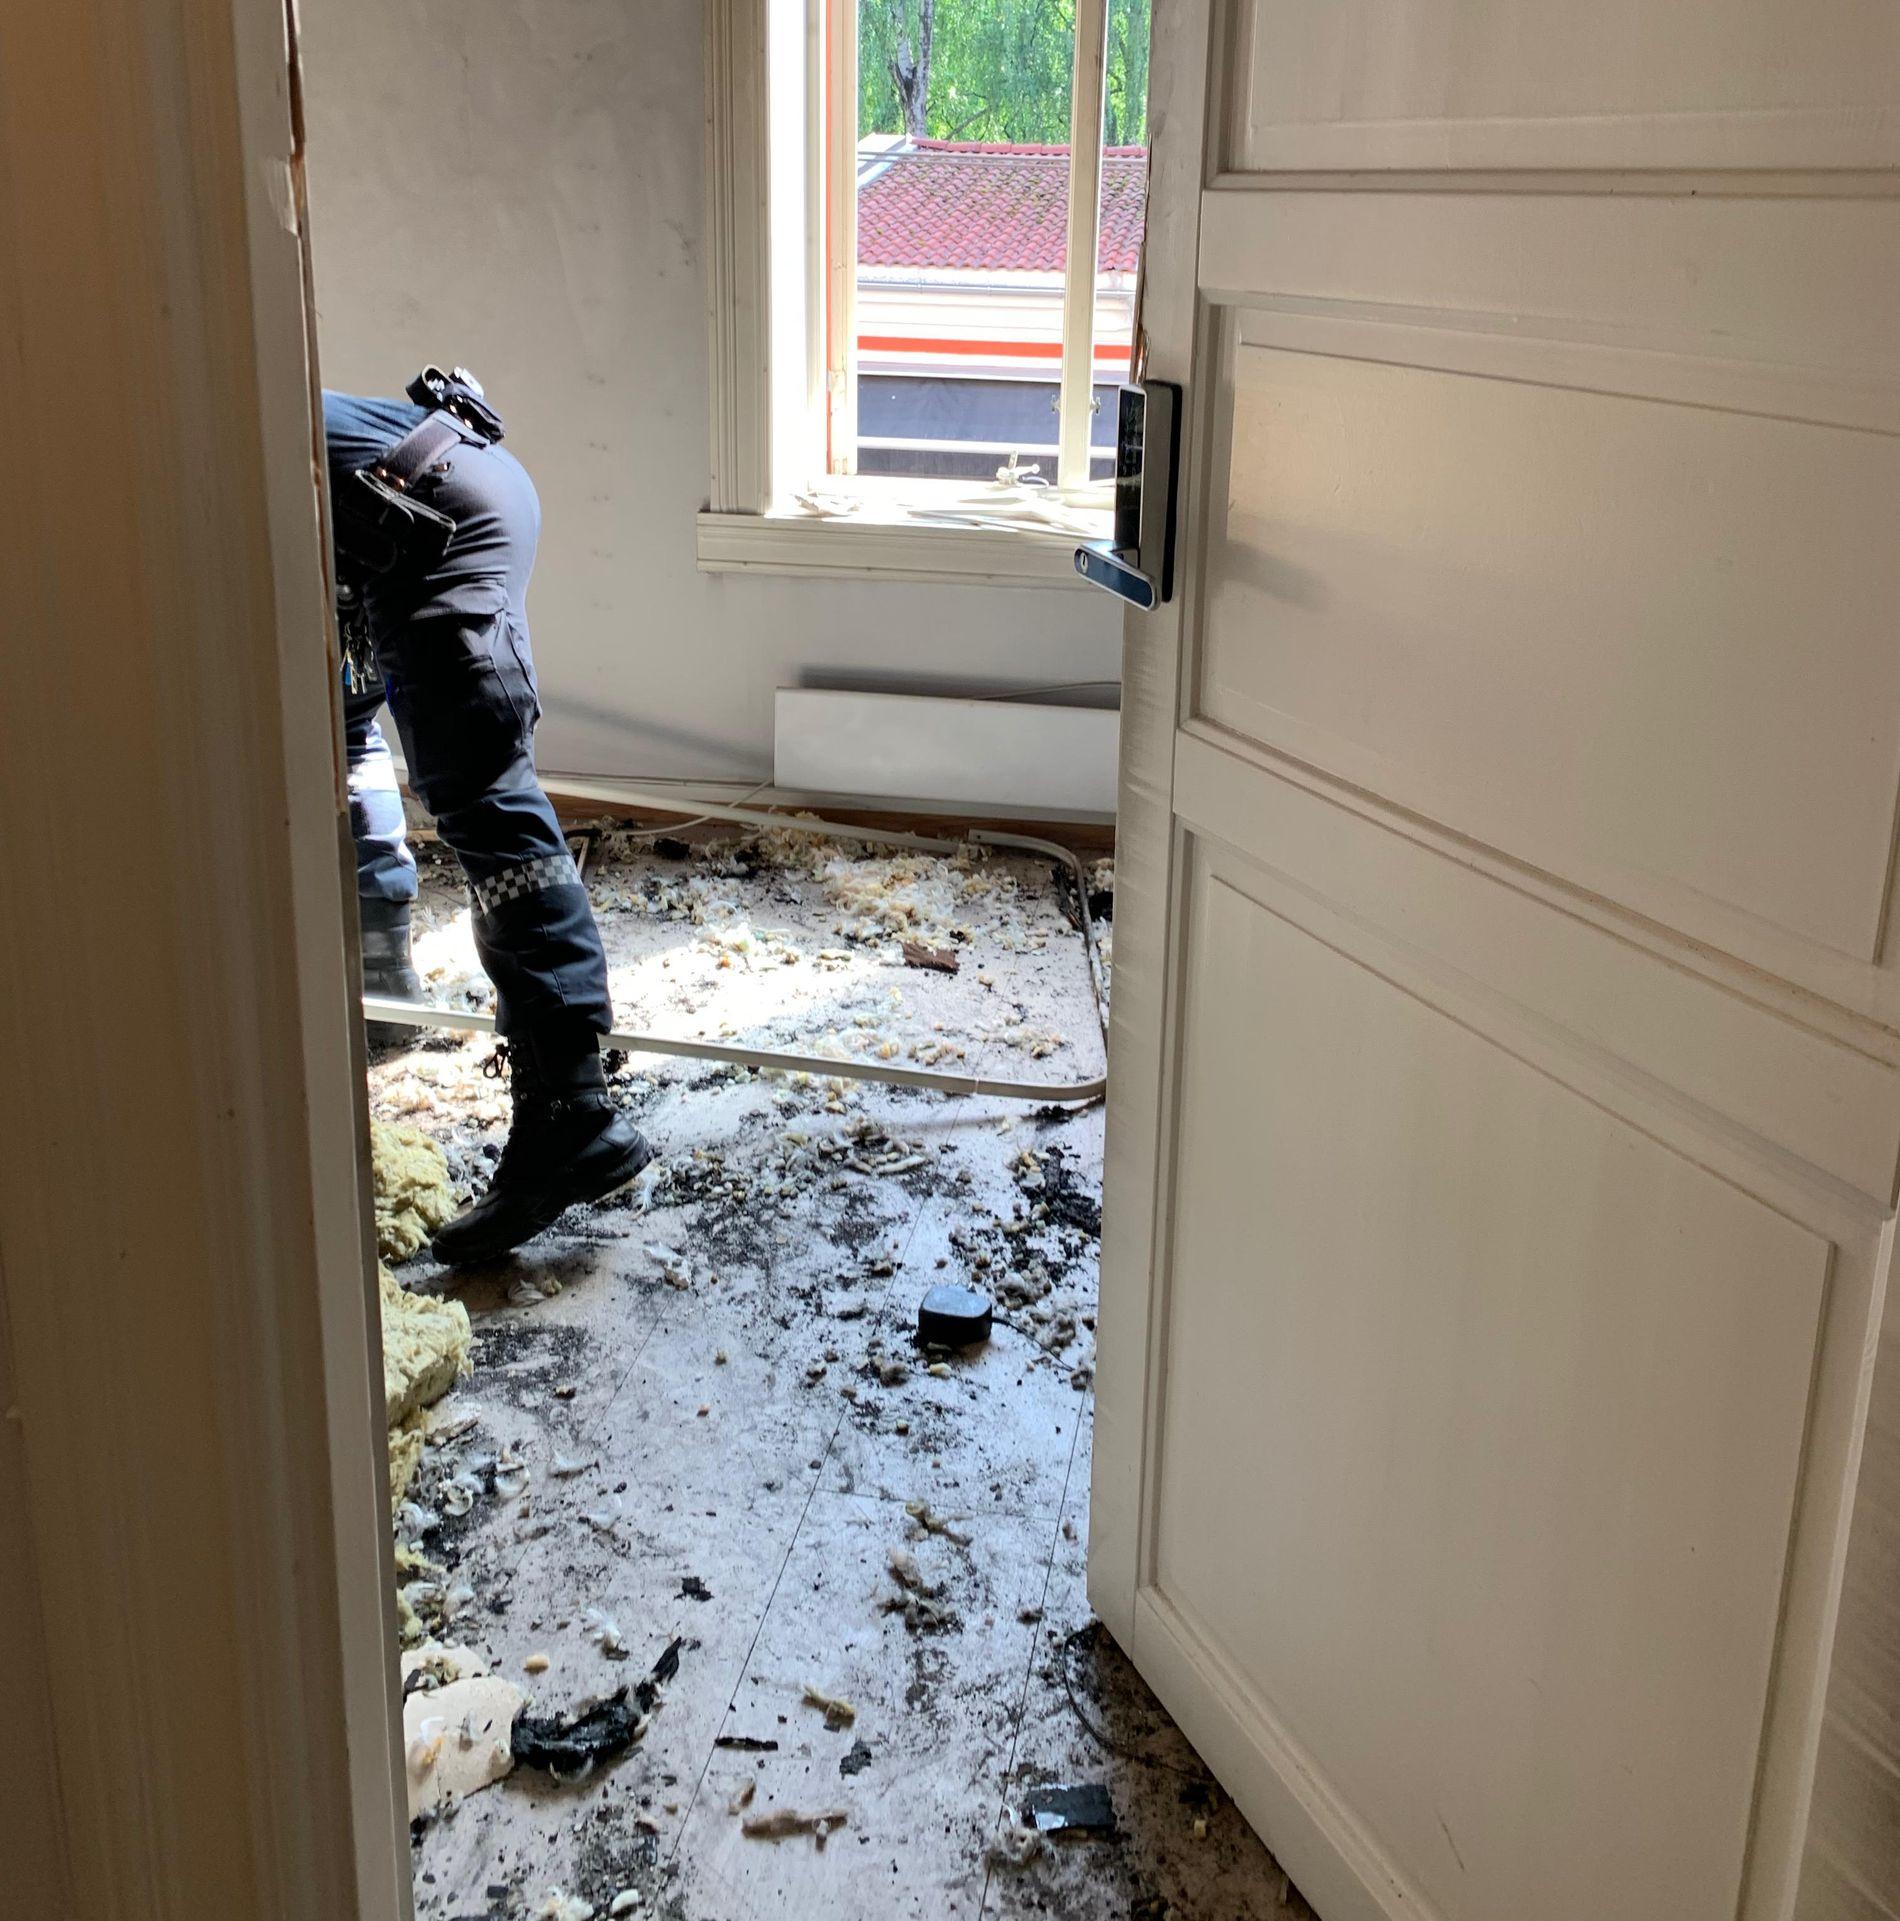 LEILIGHETEN: Politiet gjør nå undersøkelser i leiligheten hvor gjerningsmannen skal ha bodd.